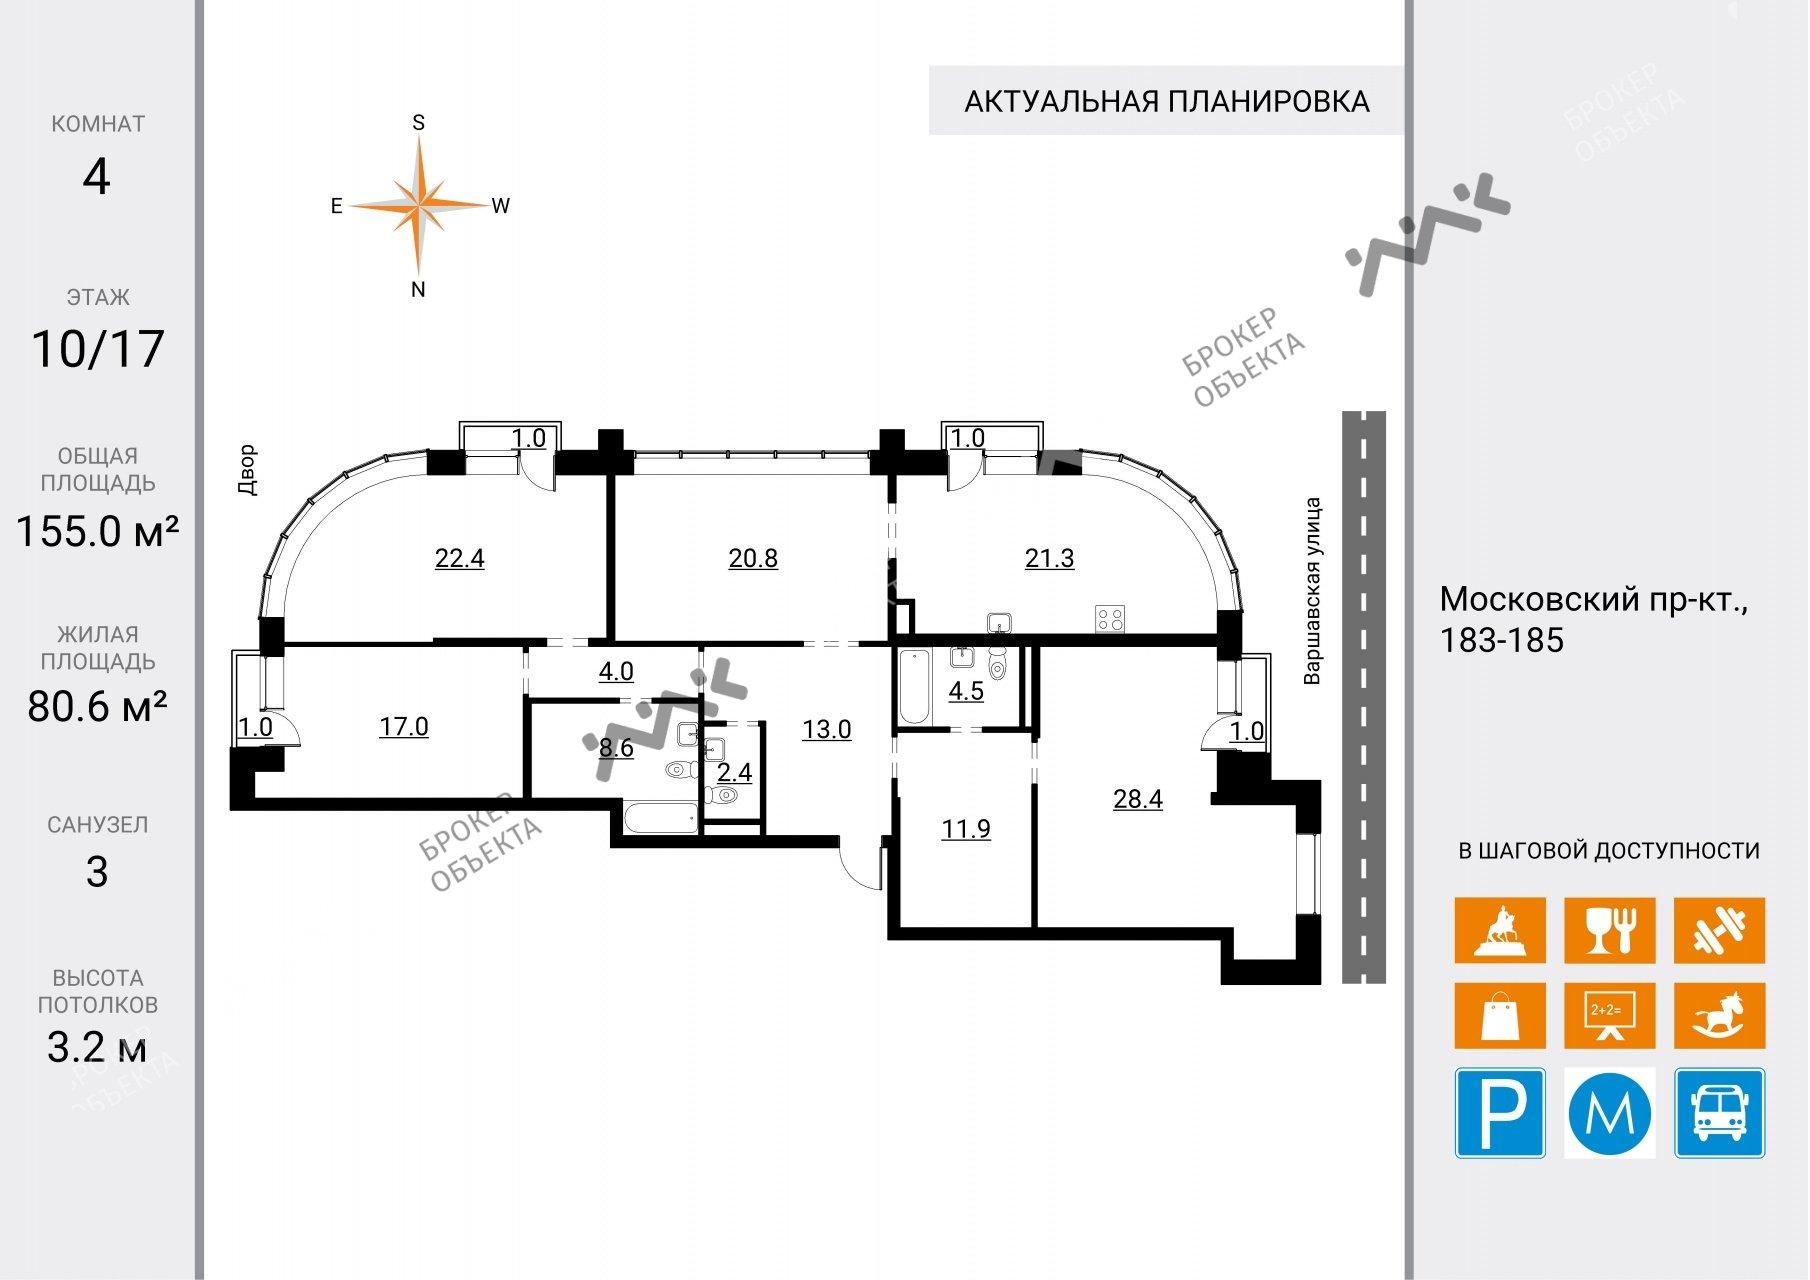 Планировка Московский проспект, д.183. Лот № 14243870